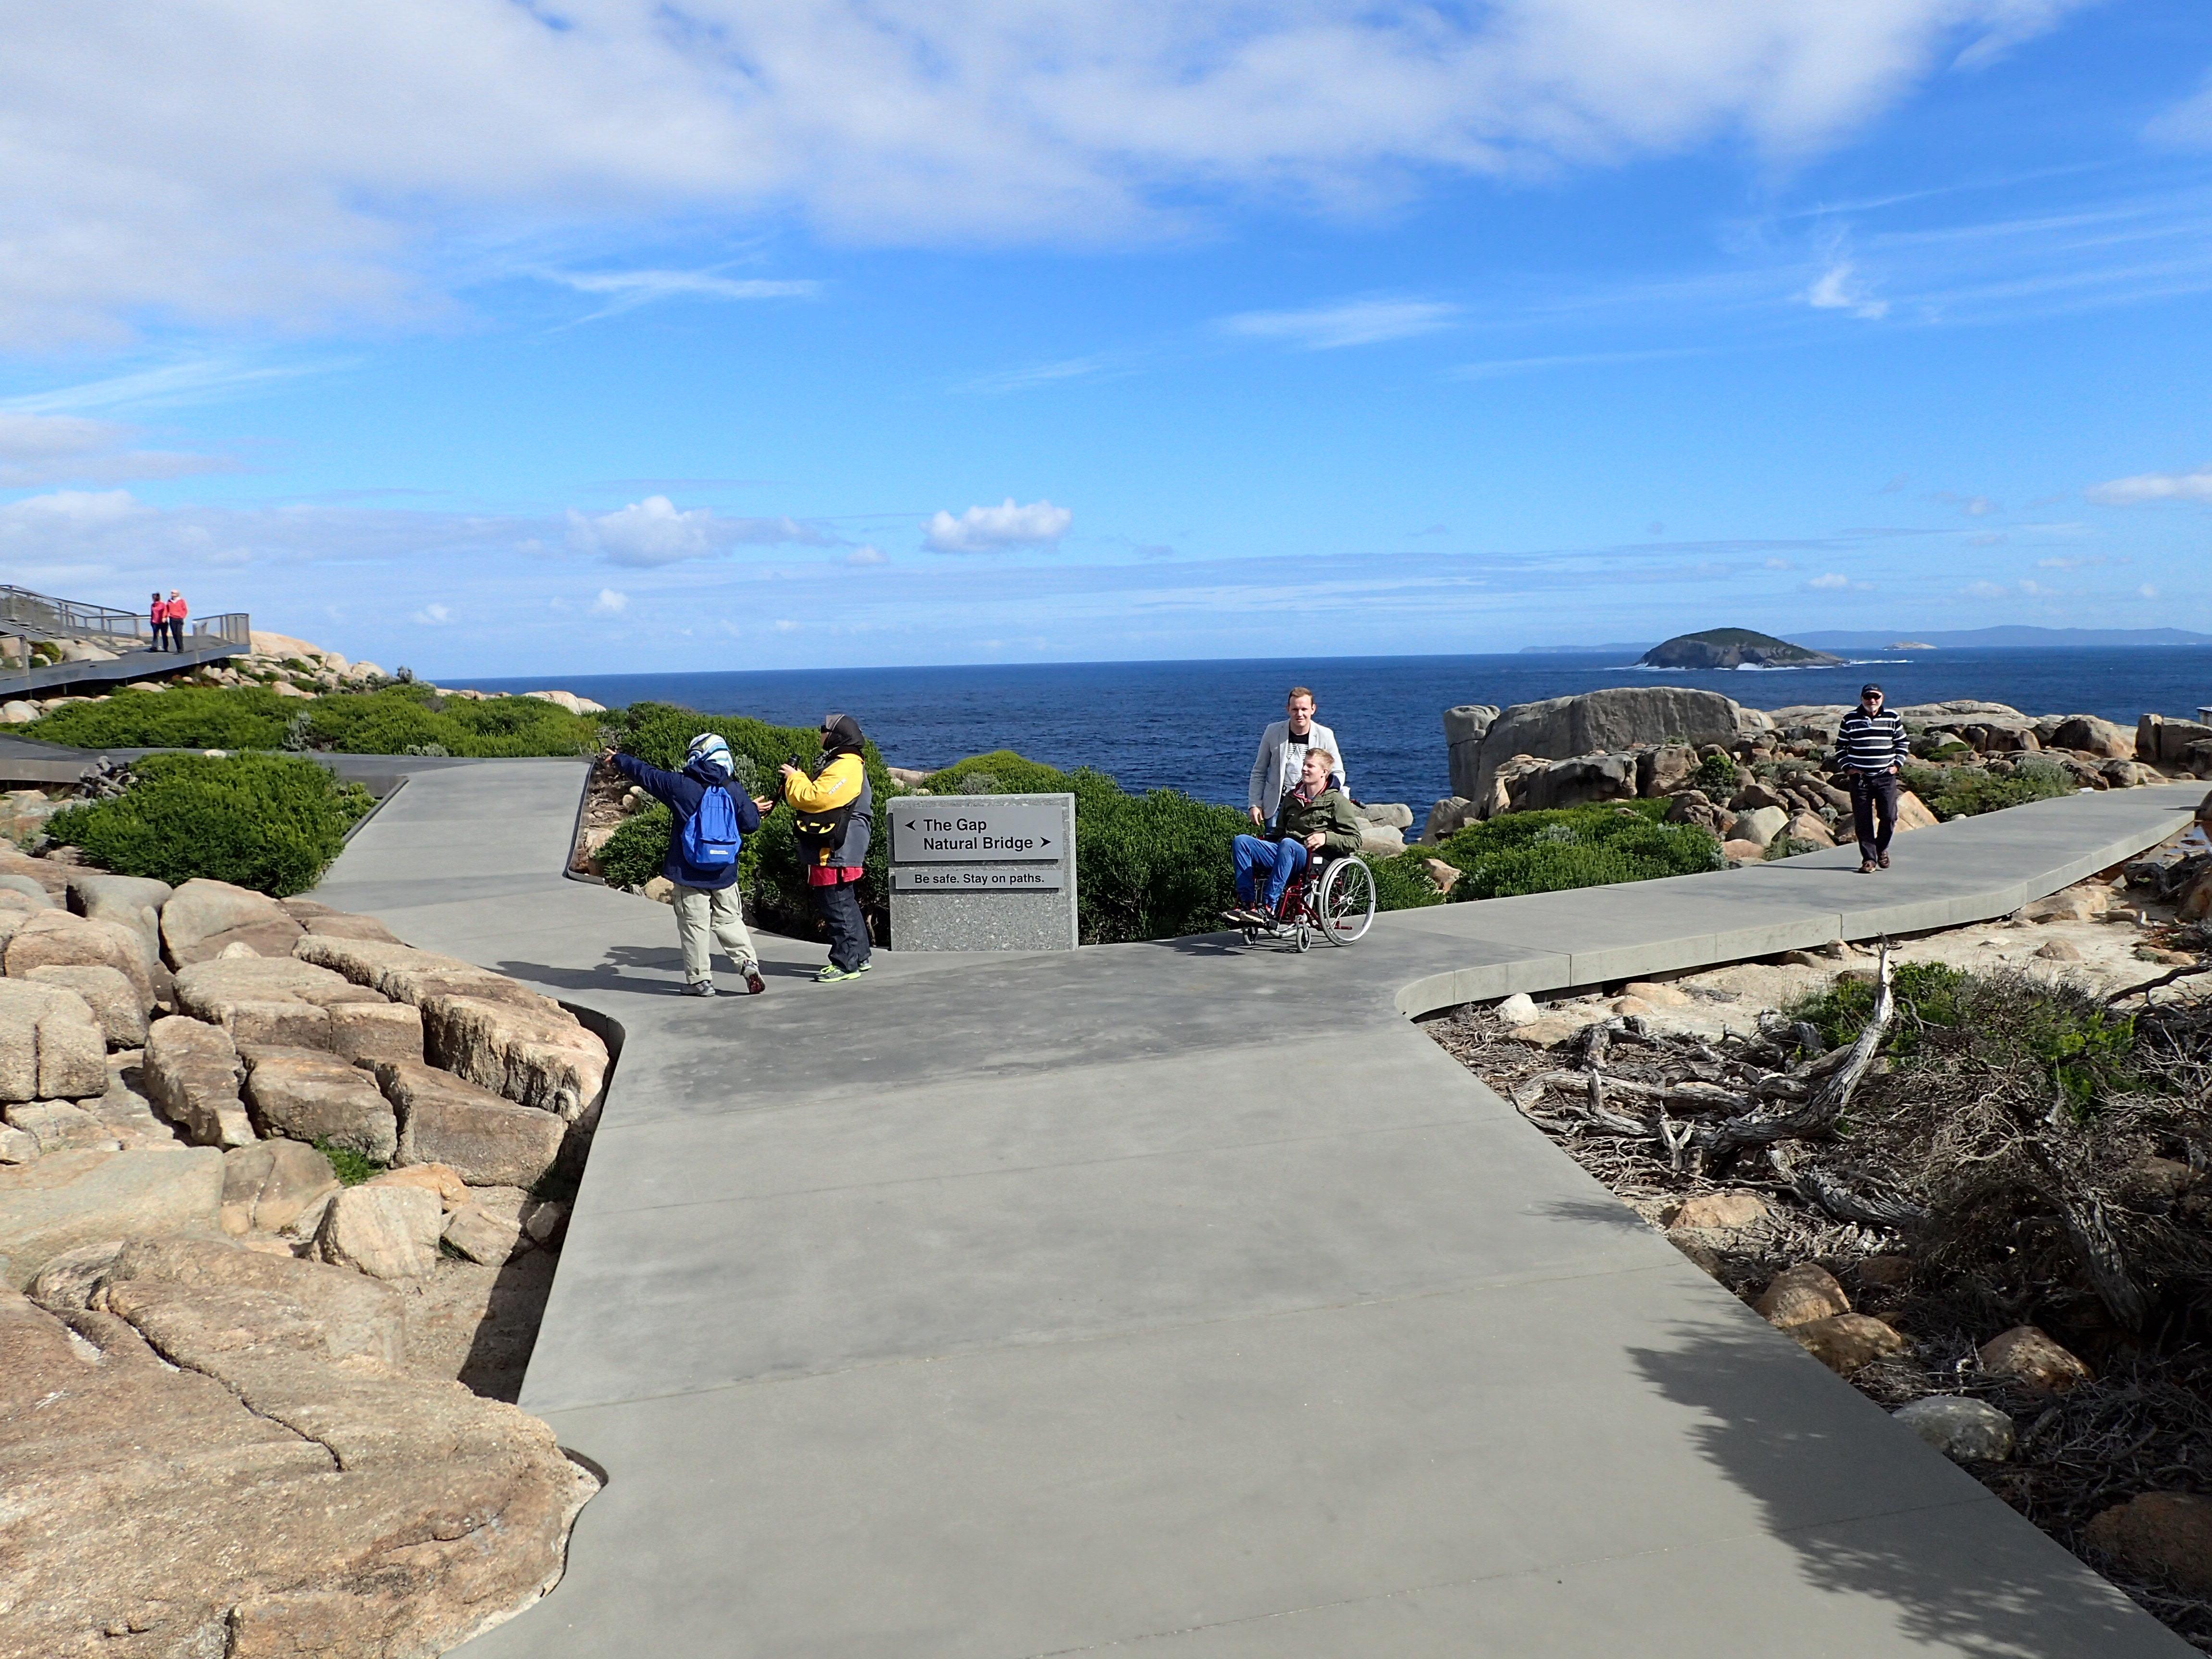 Access to Nature at The Gap and Natural Bridge